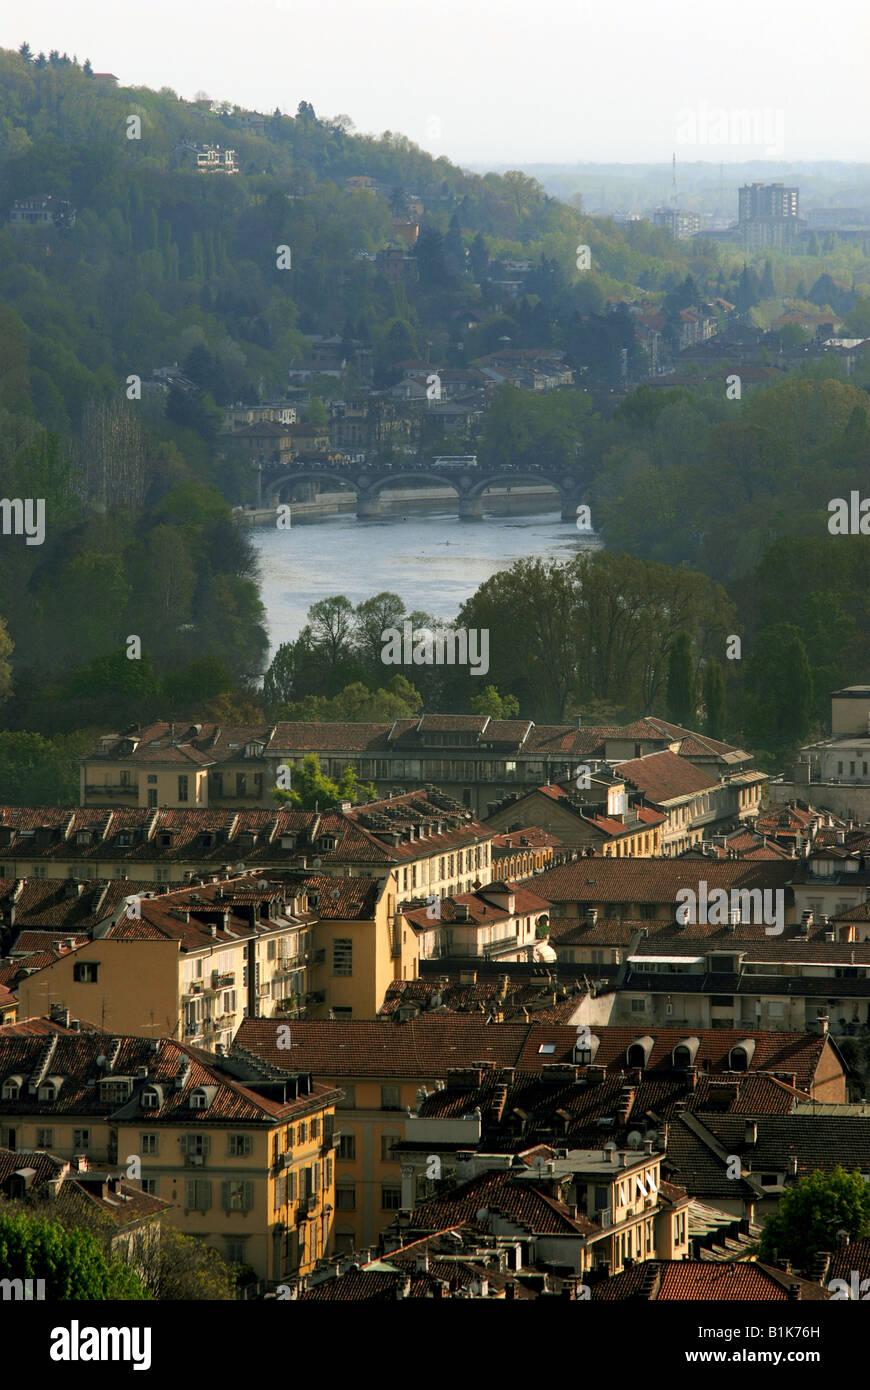 La città di Torino, Piemonte, Italia, con il fiume Po in esecuzione attraverso di esso. Foto Stock